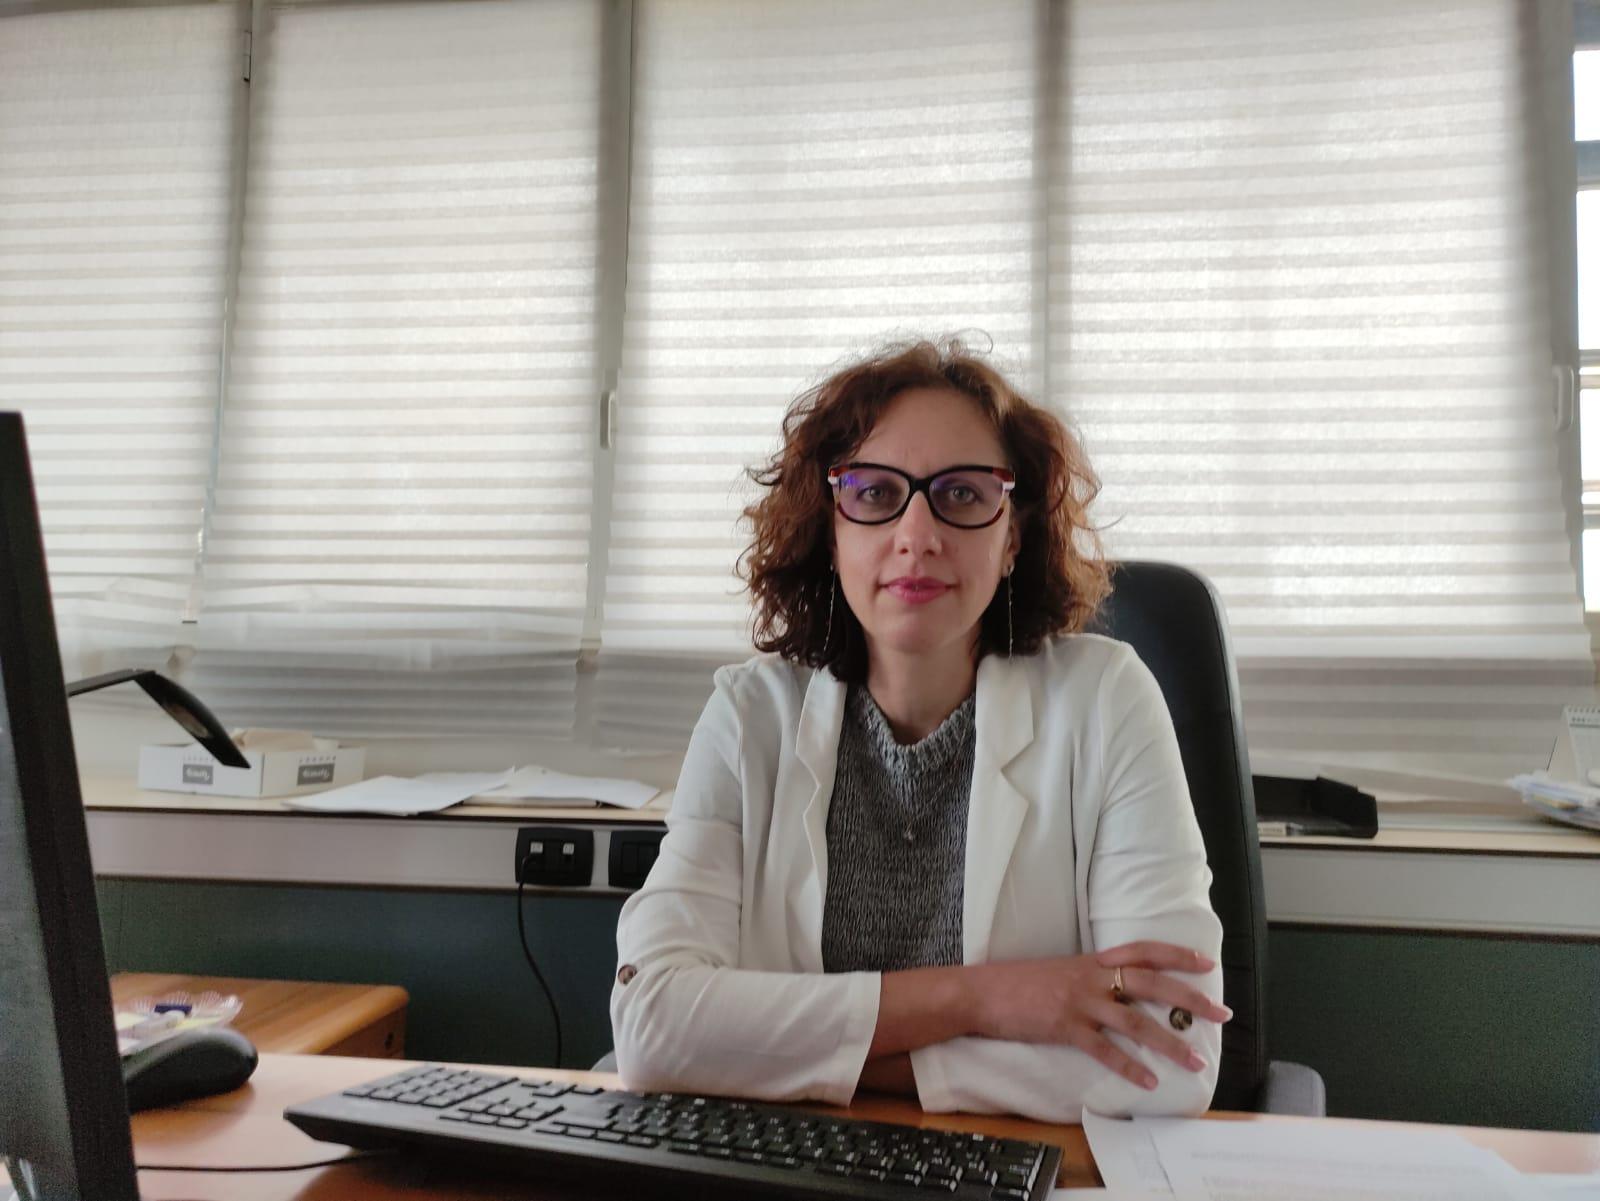 L'assessora al Patrimonio e Politiche Abitative, Valentina Vivarelli / Dipartimento Patrimonio e Politiche Abitative